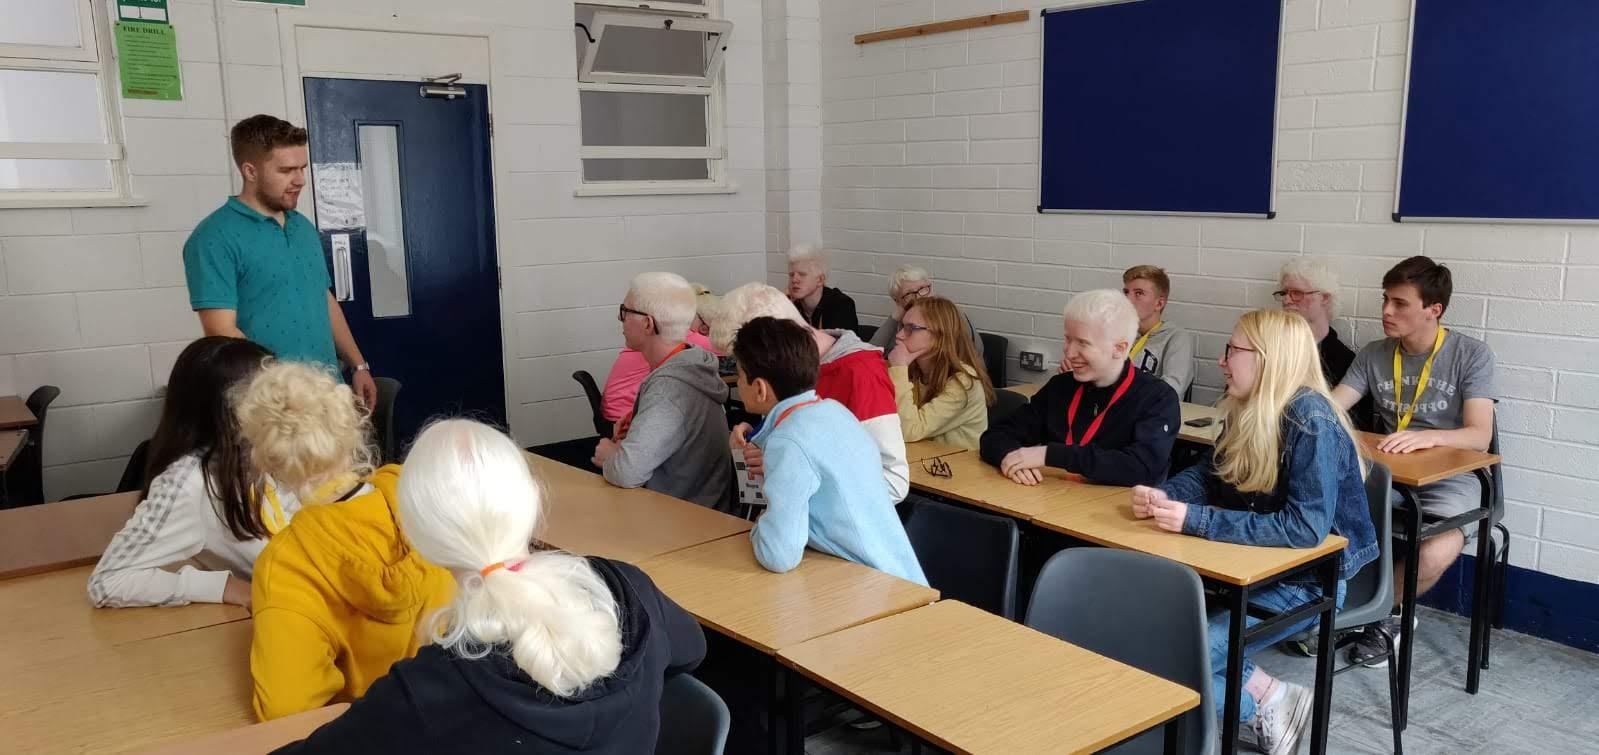 Clases de Ingles con Rory en el Campus de verano para jóvenes europeos con albinismo